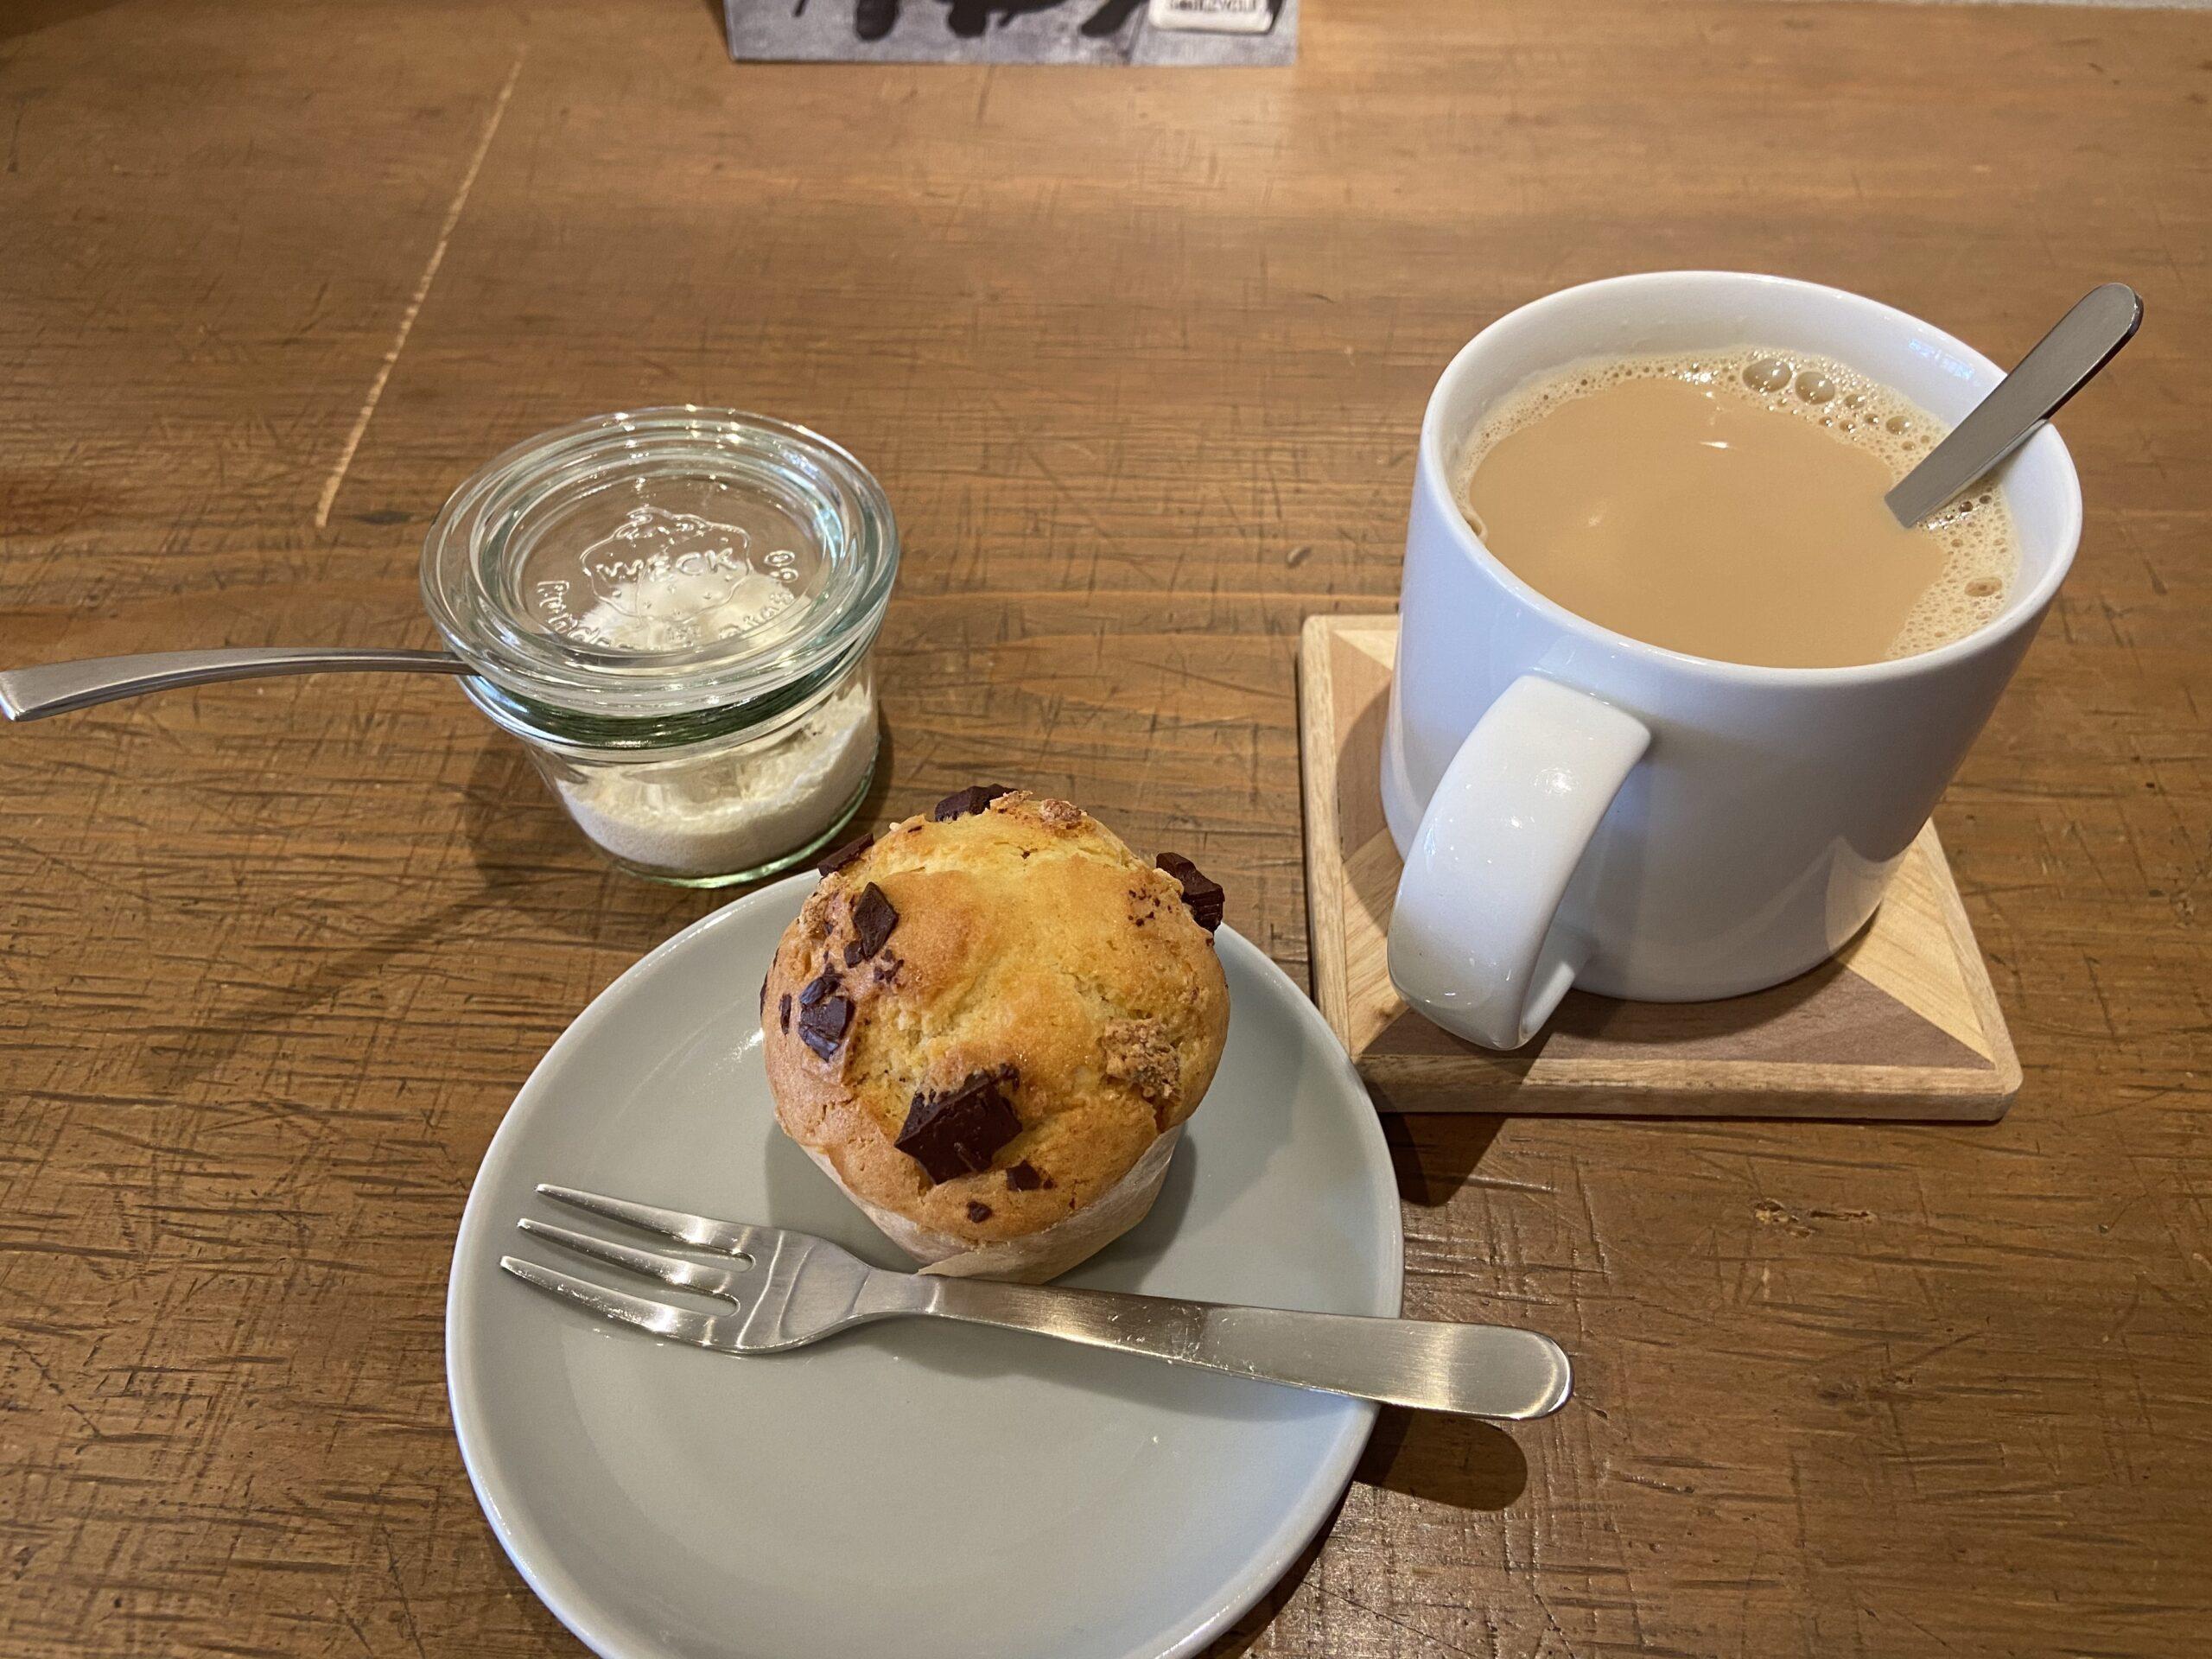 西予市宇和町のコーヒー店「LOKKi COFFEE 」で「ホットミルクコーヒー」&「有機ビターチョコマフィン」を食べてきました!